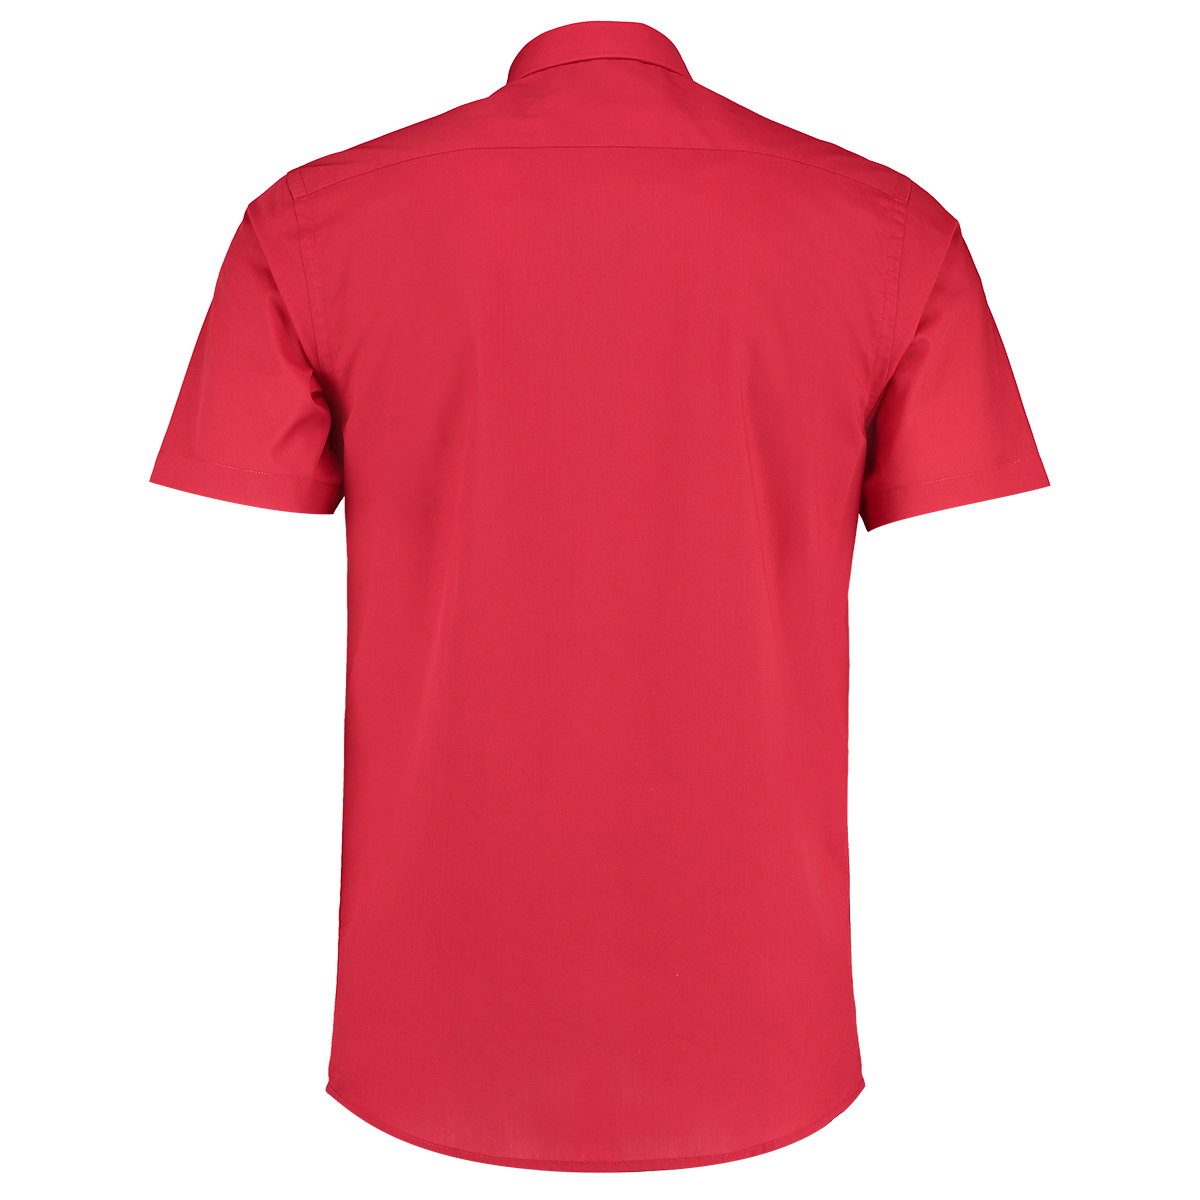 Kk141 men 39 s poplin shirt kustom kit for What is a poplin shirt